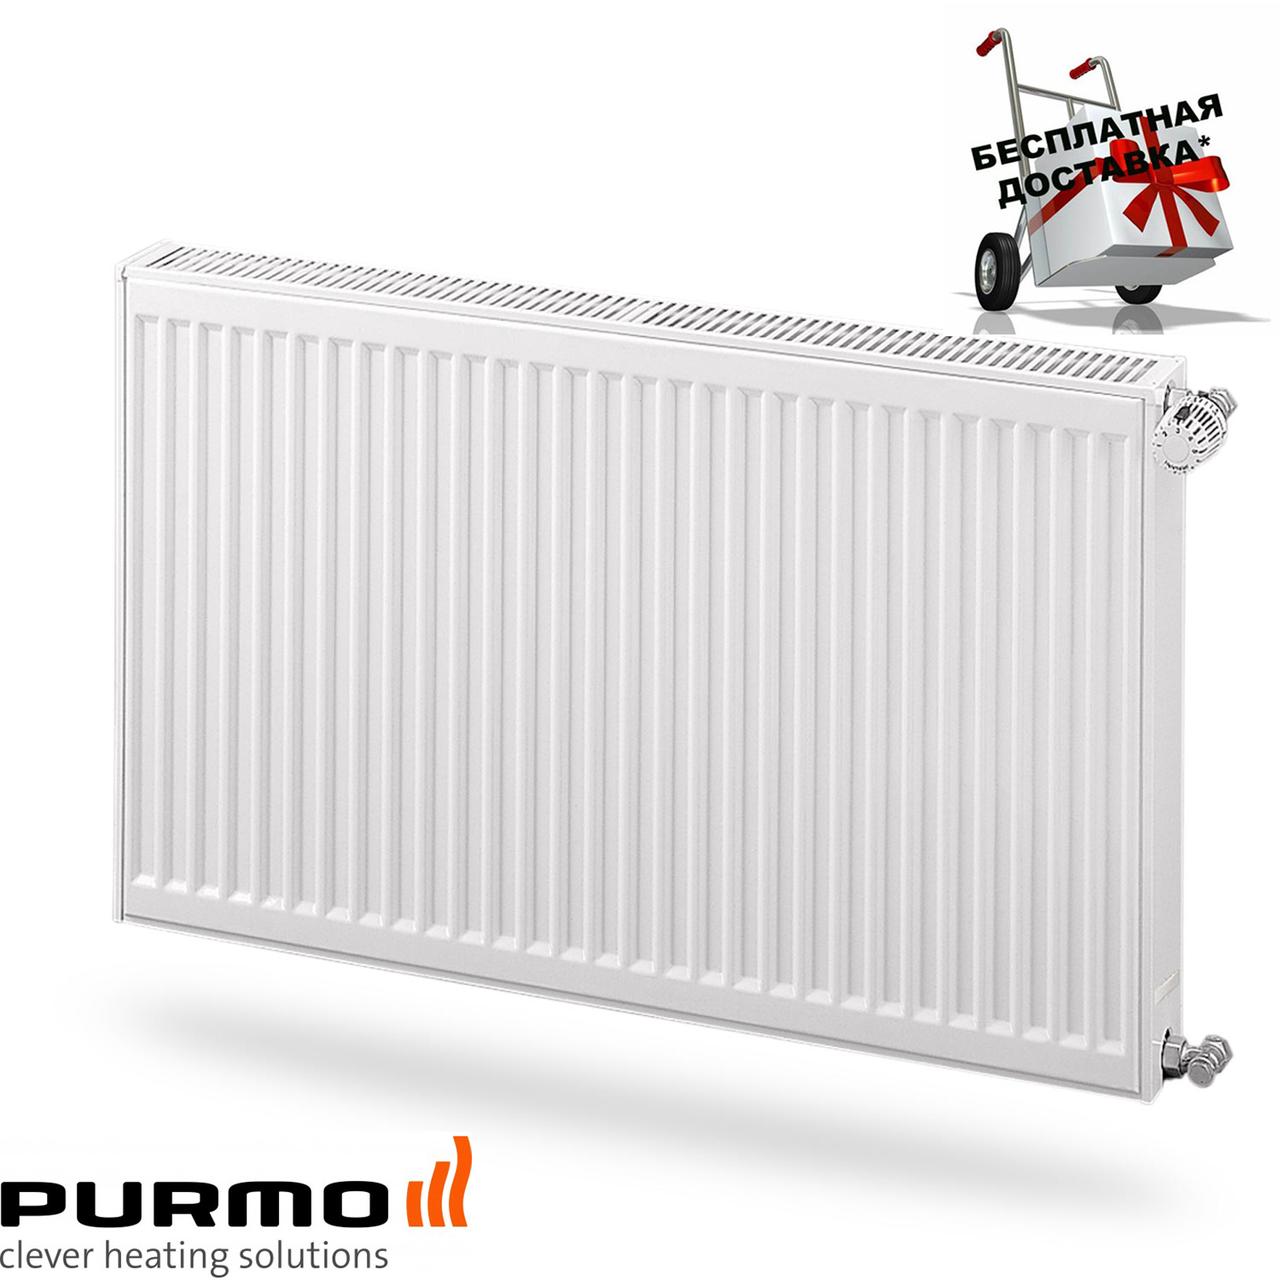 Стальной (панельный) радиатор PURMO Compact т22 300x700 боковое подключение